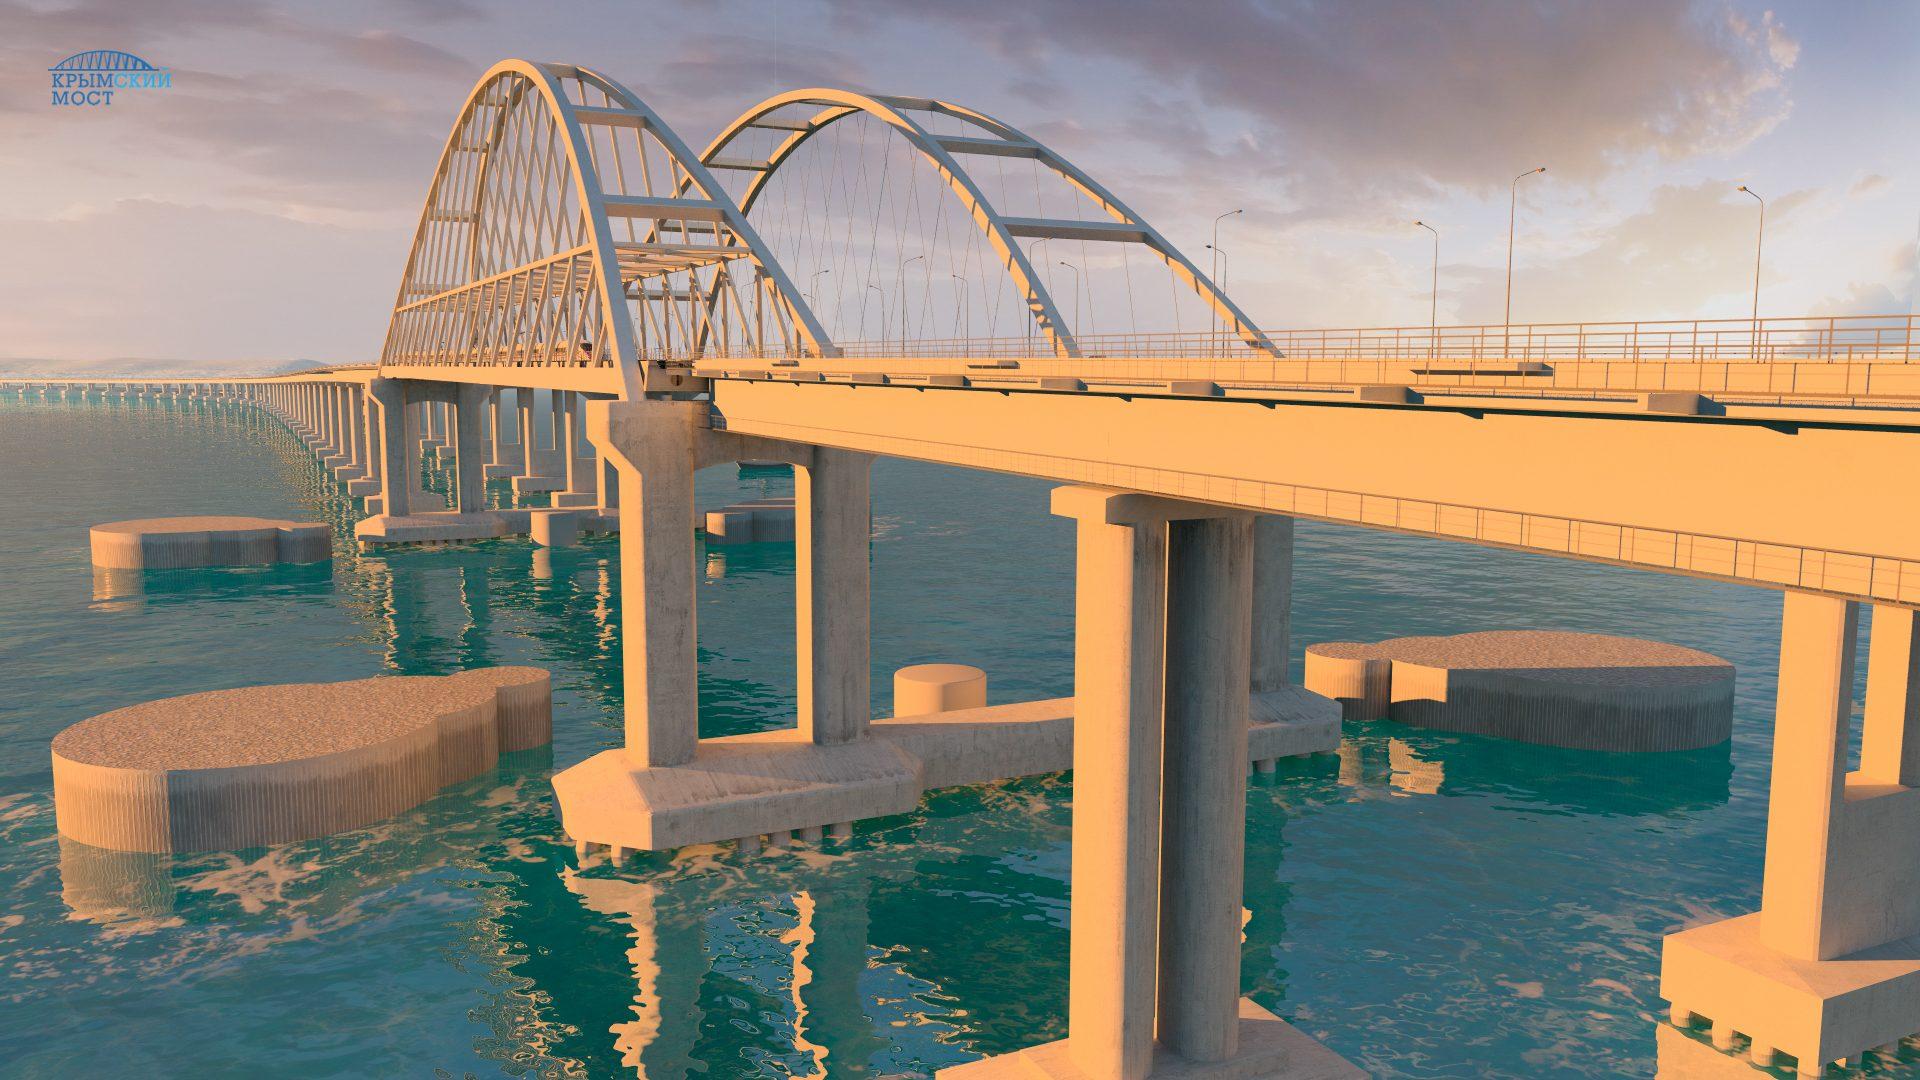 Как живёт Крым: решит ли мост все проблемы полуострова